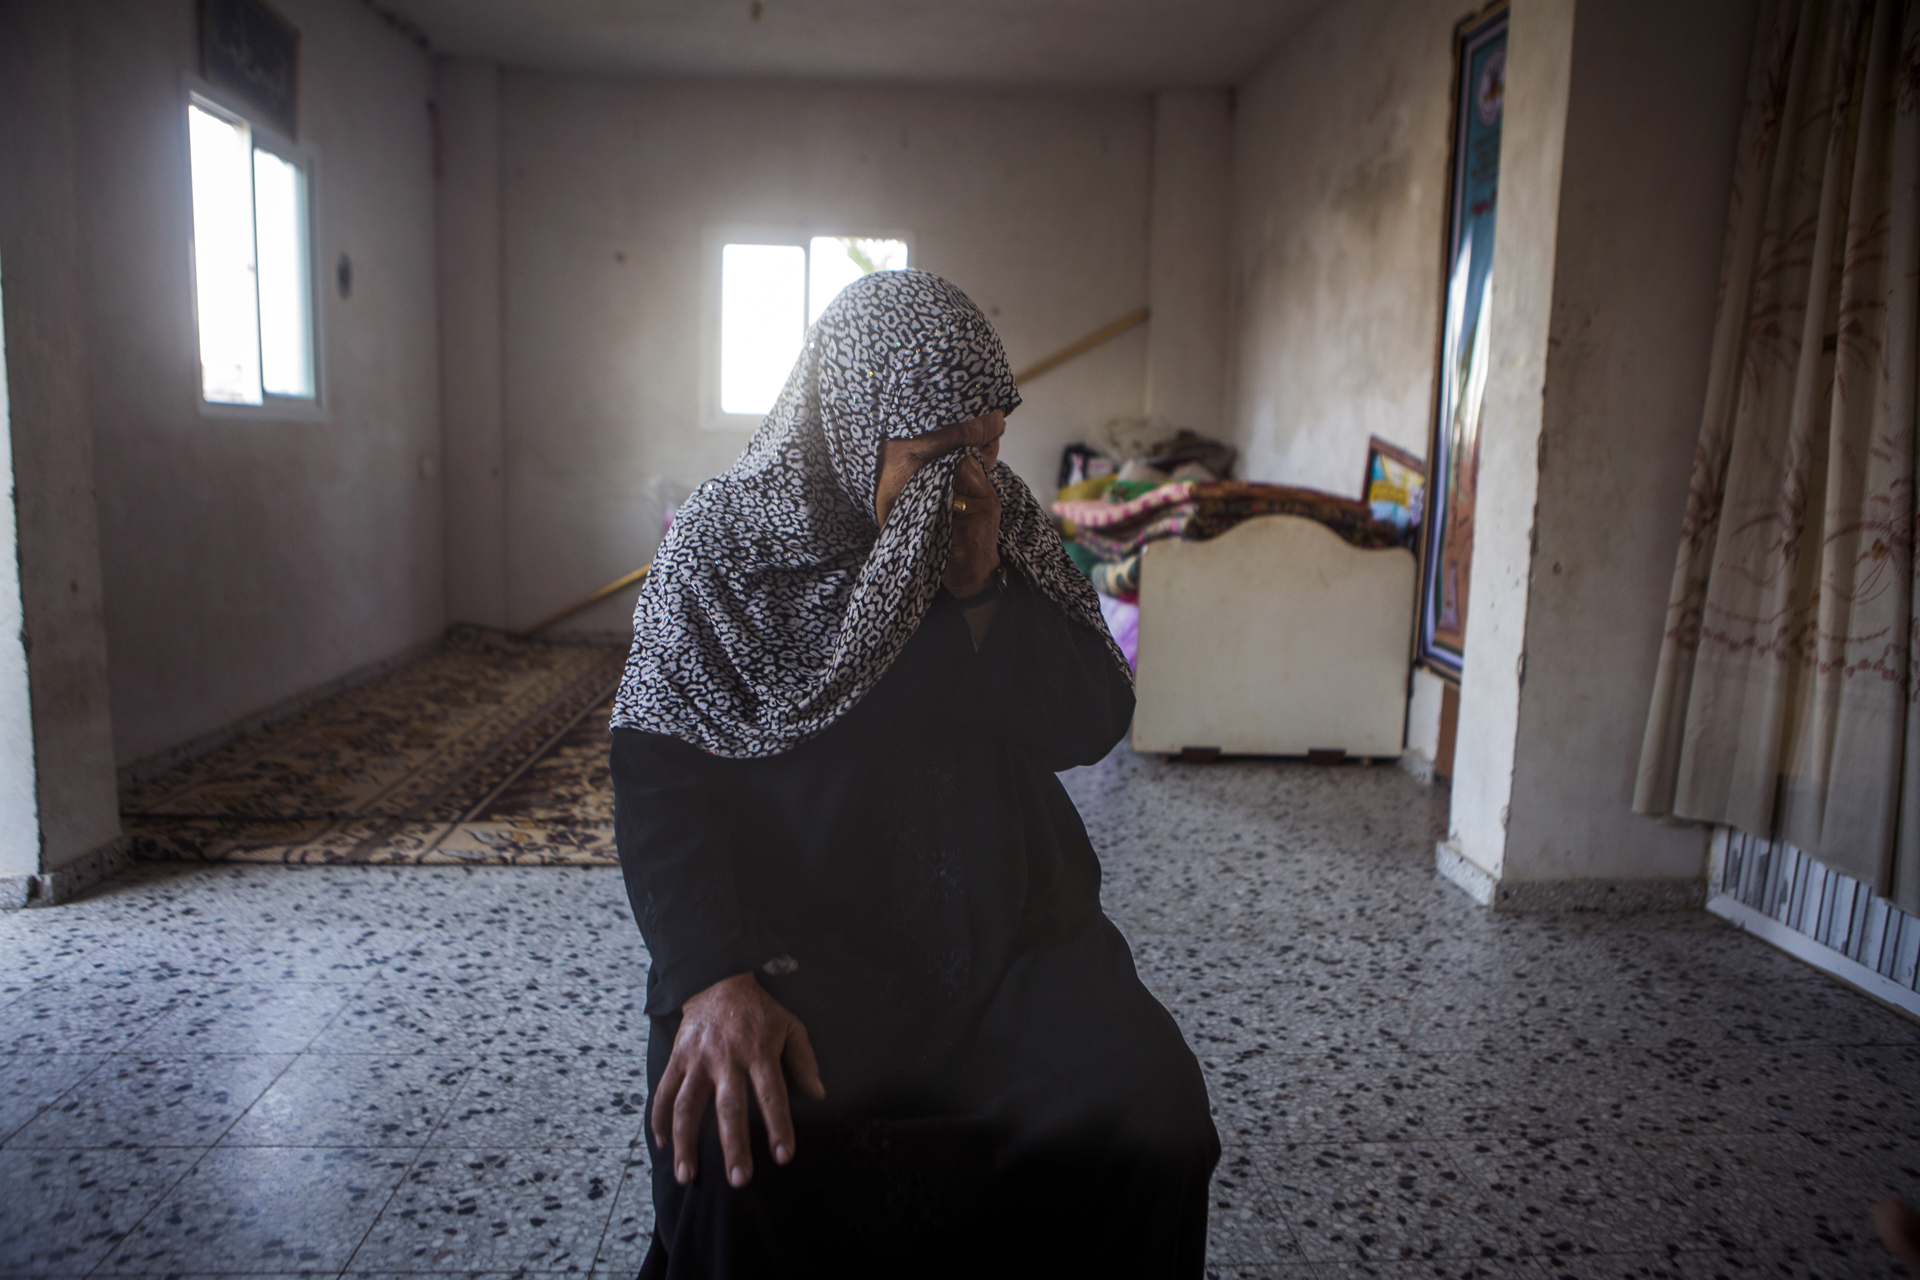 دلال بتقول: لما الشظية ضربت البيت، هربنا لبره عشان ننقذ حياتنا.